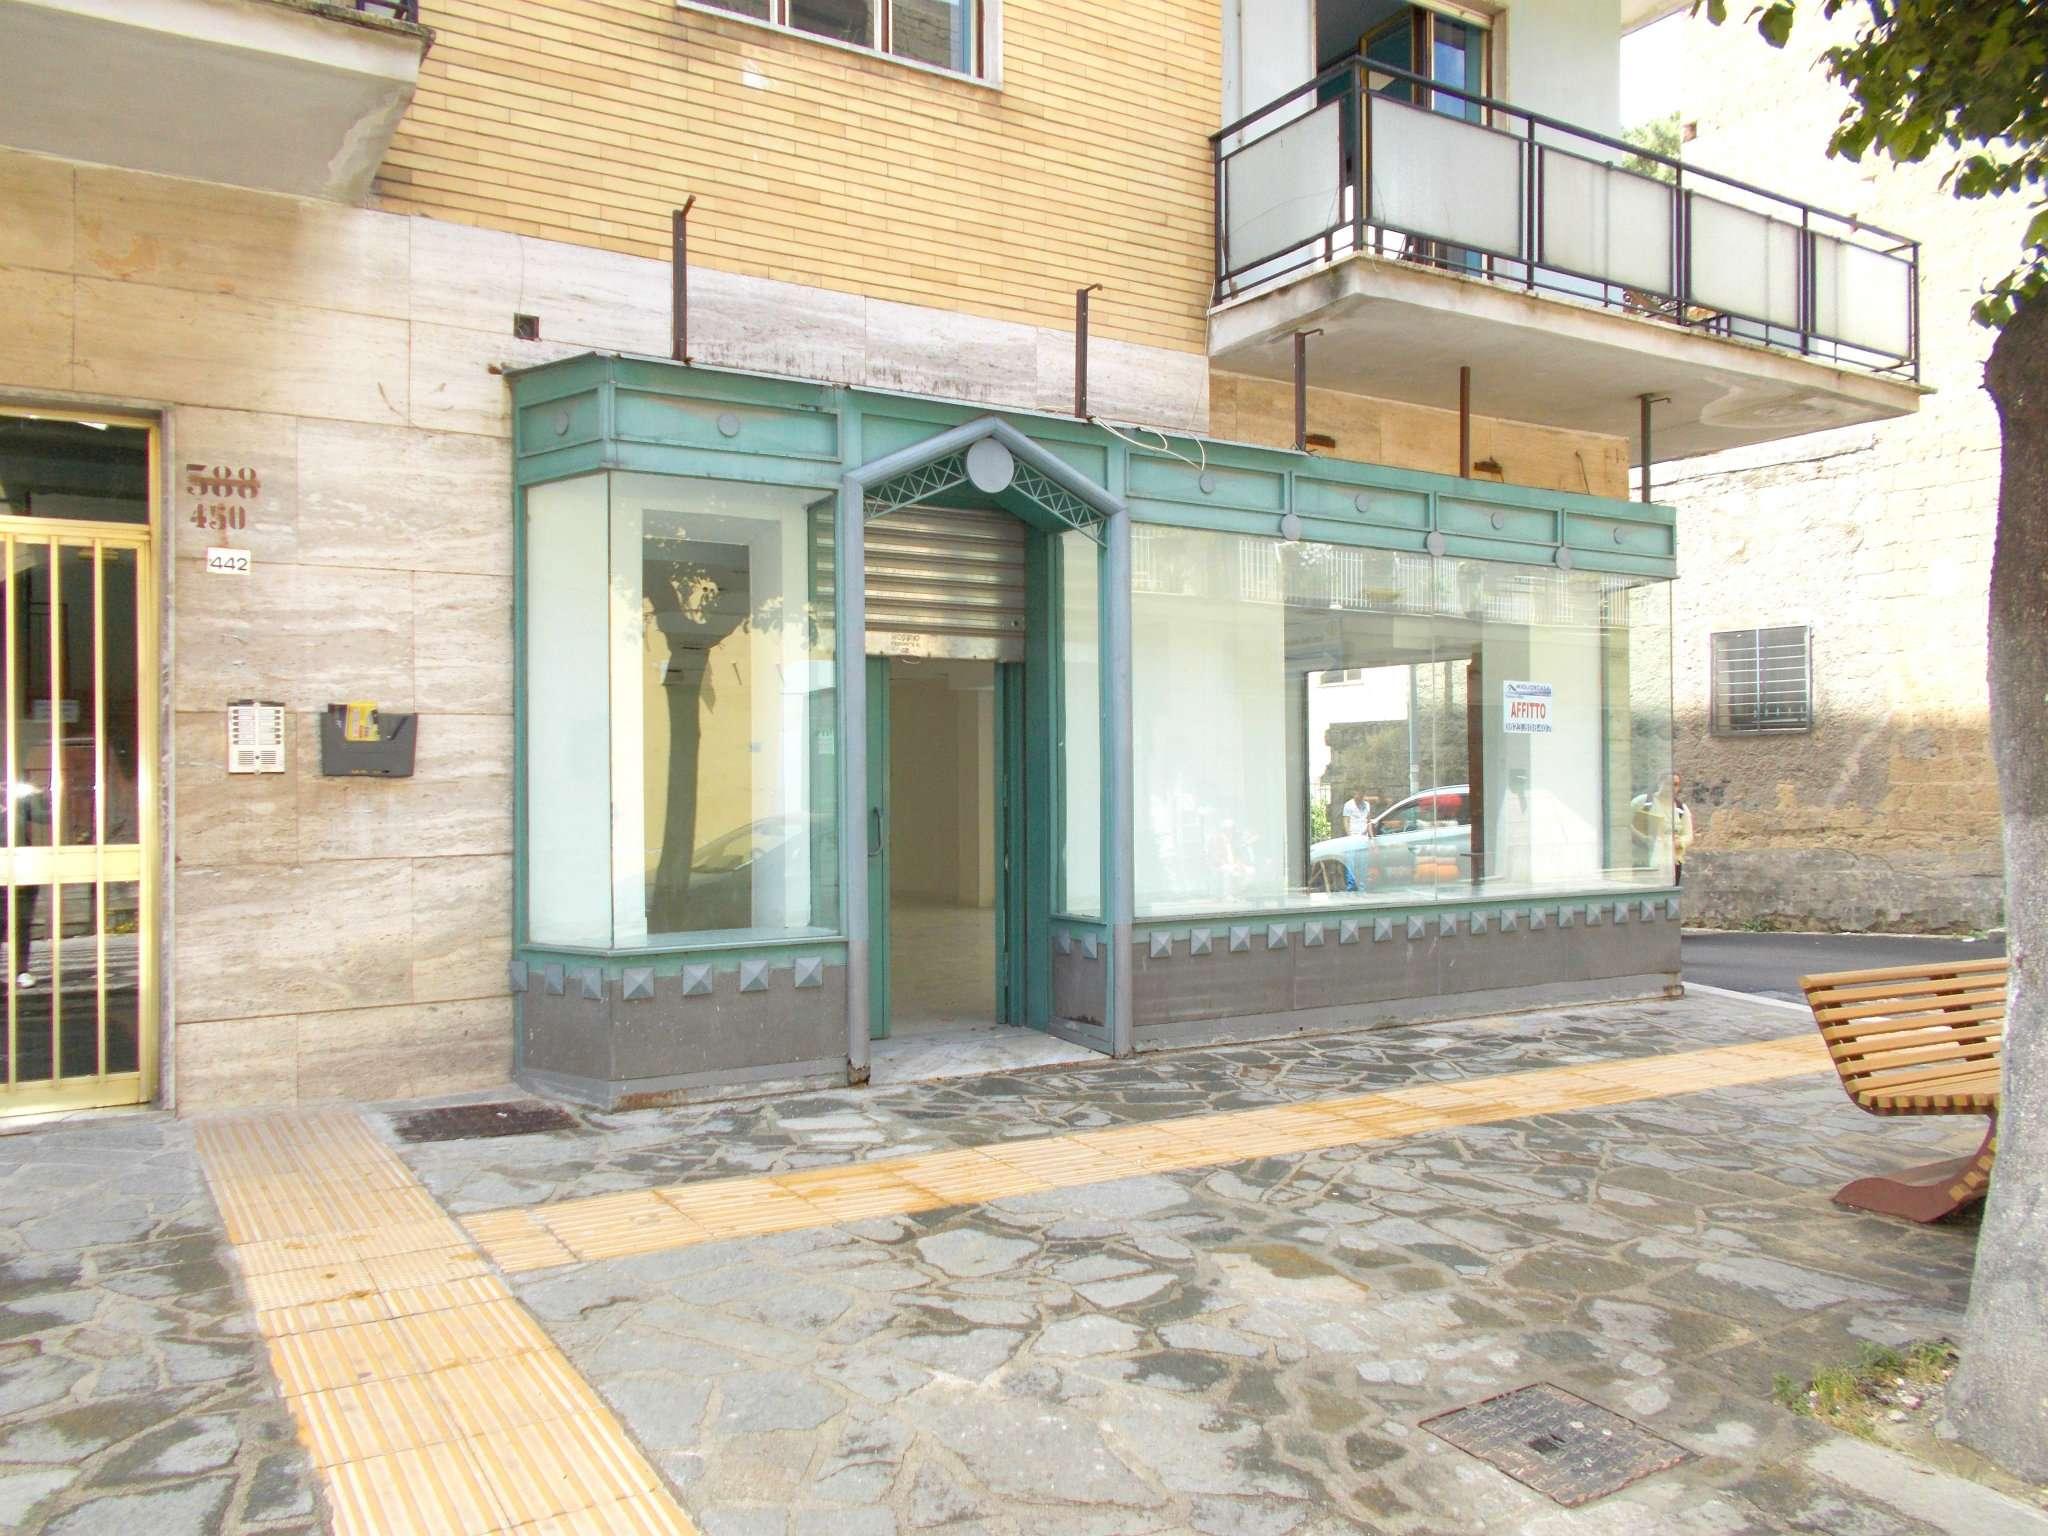 Negozio / Locale in affitto a Santa Maria a Vico, 1 locali, prezzo € 600 | CambioCasa.it